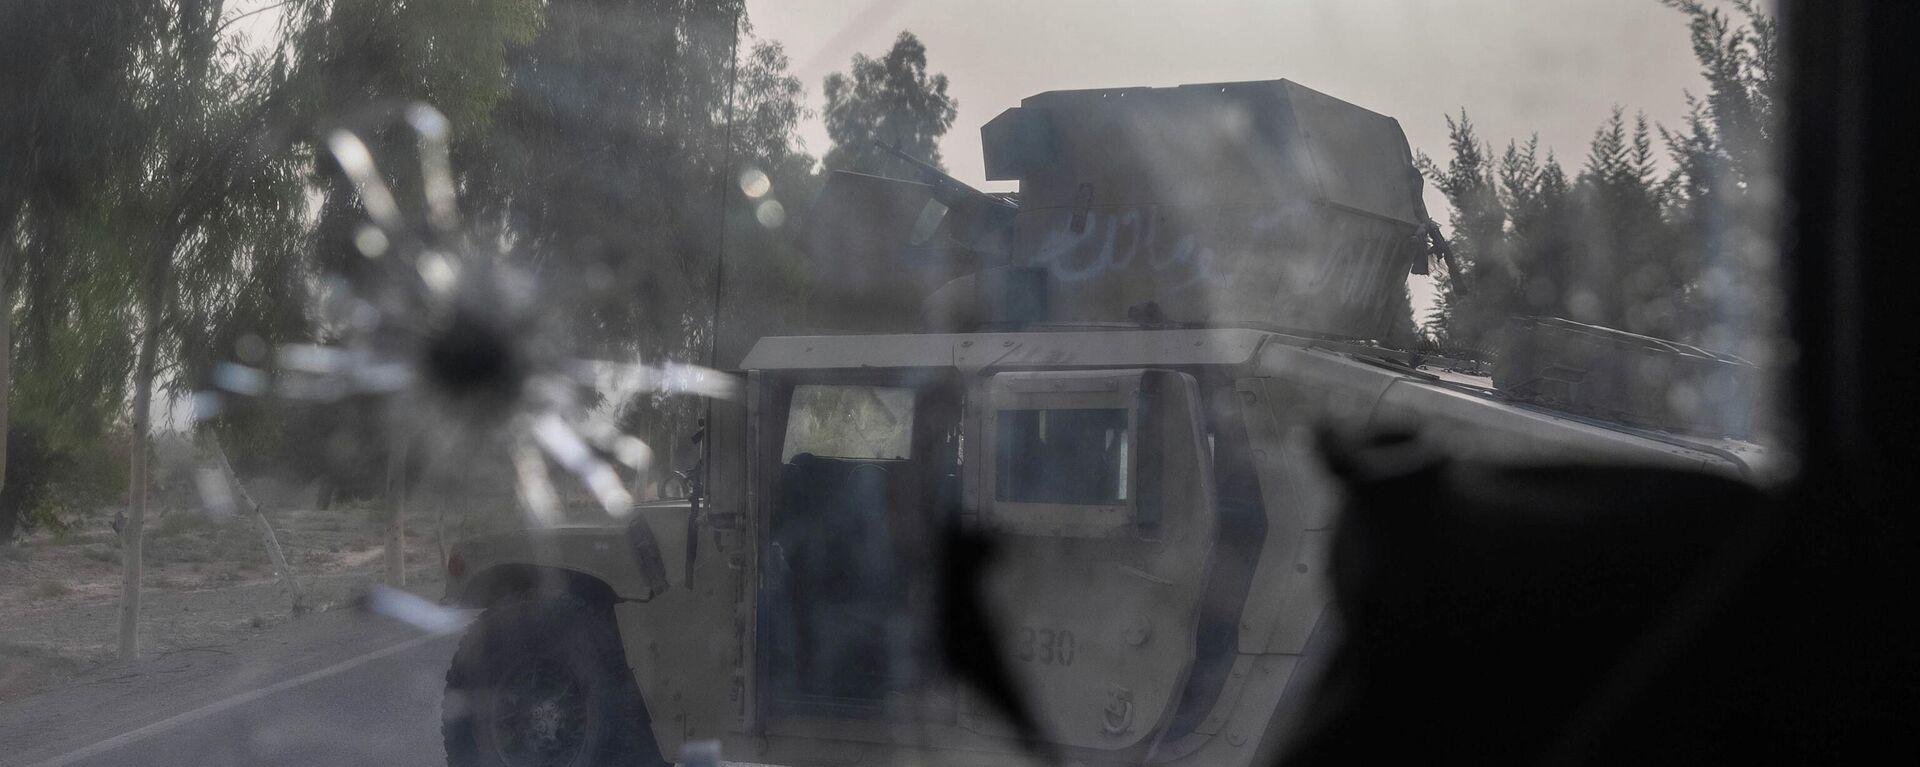 Conflicto en Afganistán - Sputnik Mundo, 1920, 02.08.2021